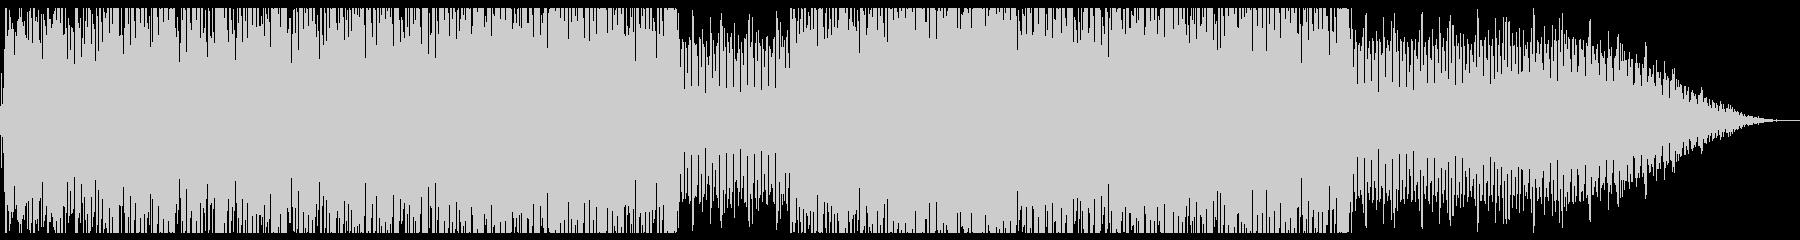 底抜けに明るいサンバ・カーニバルの未再生の波形